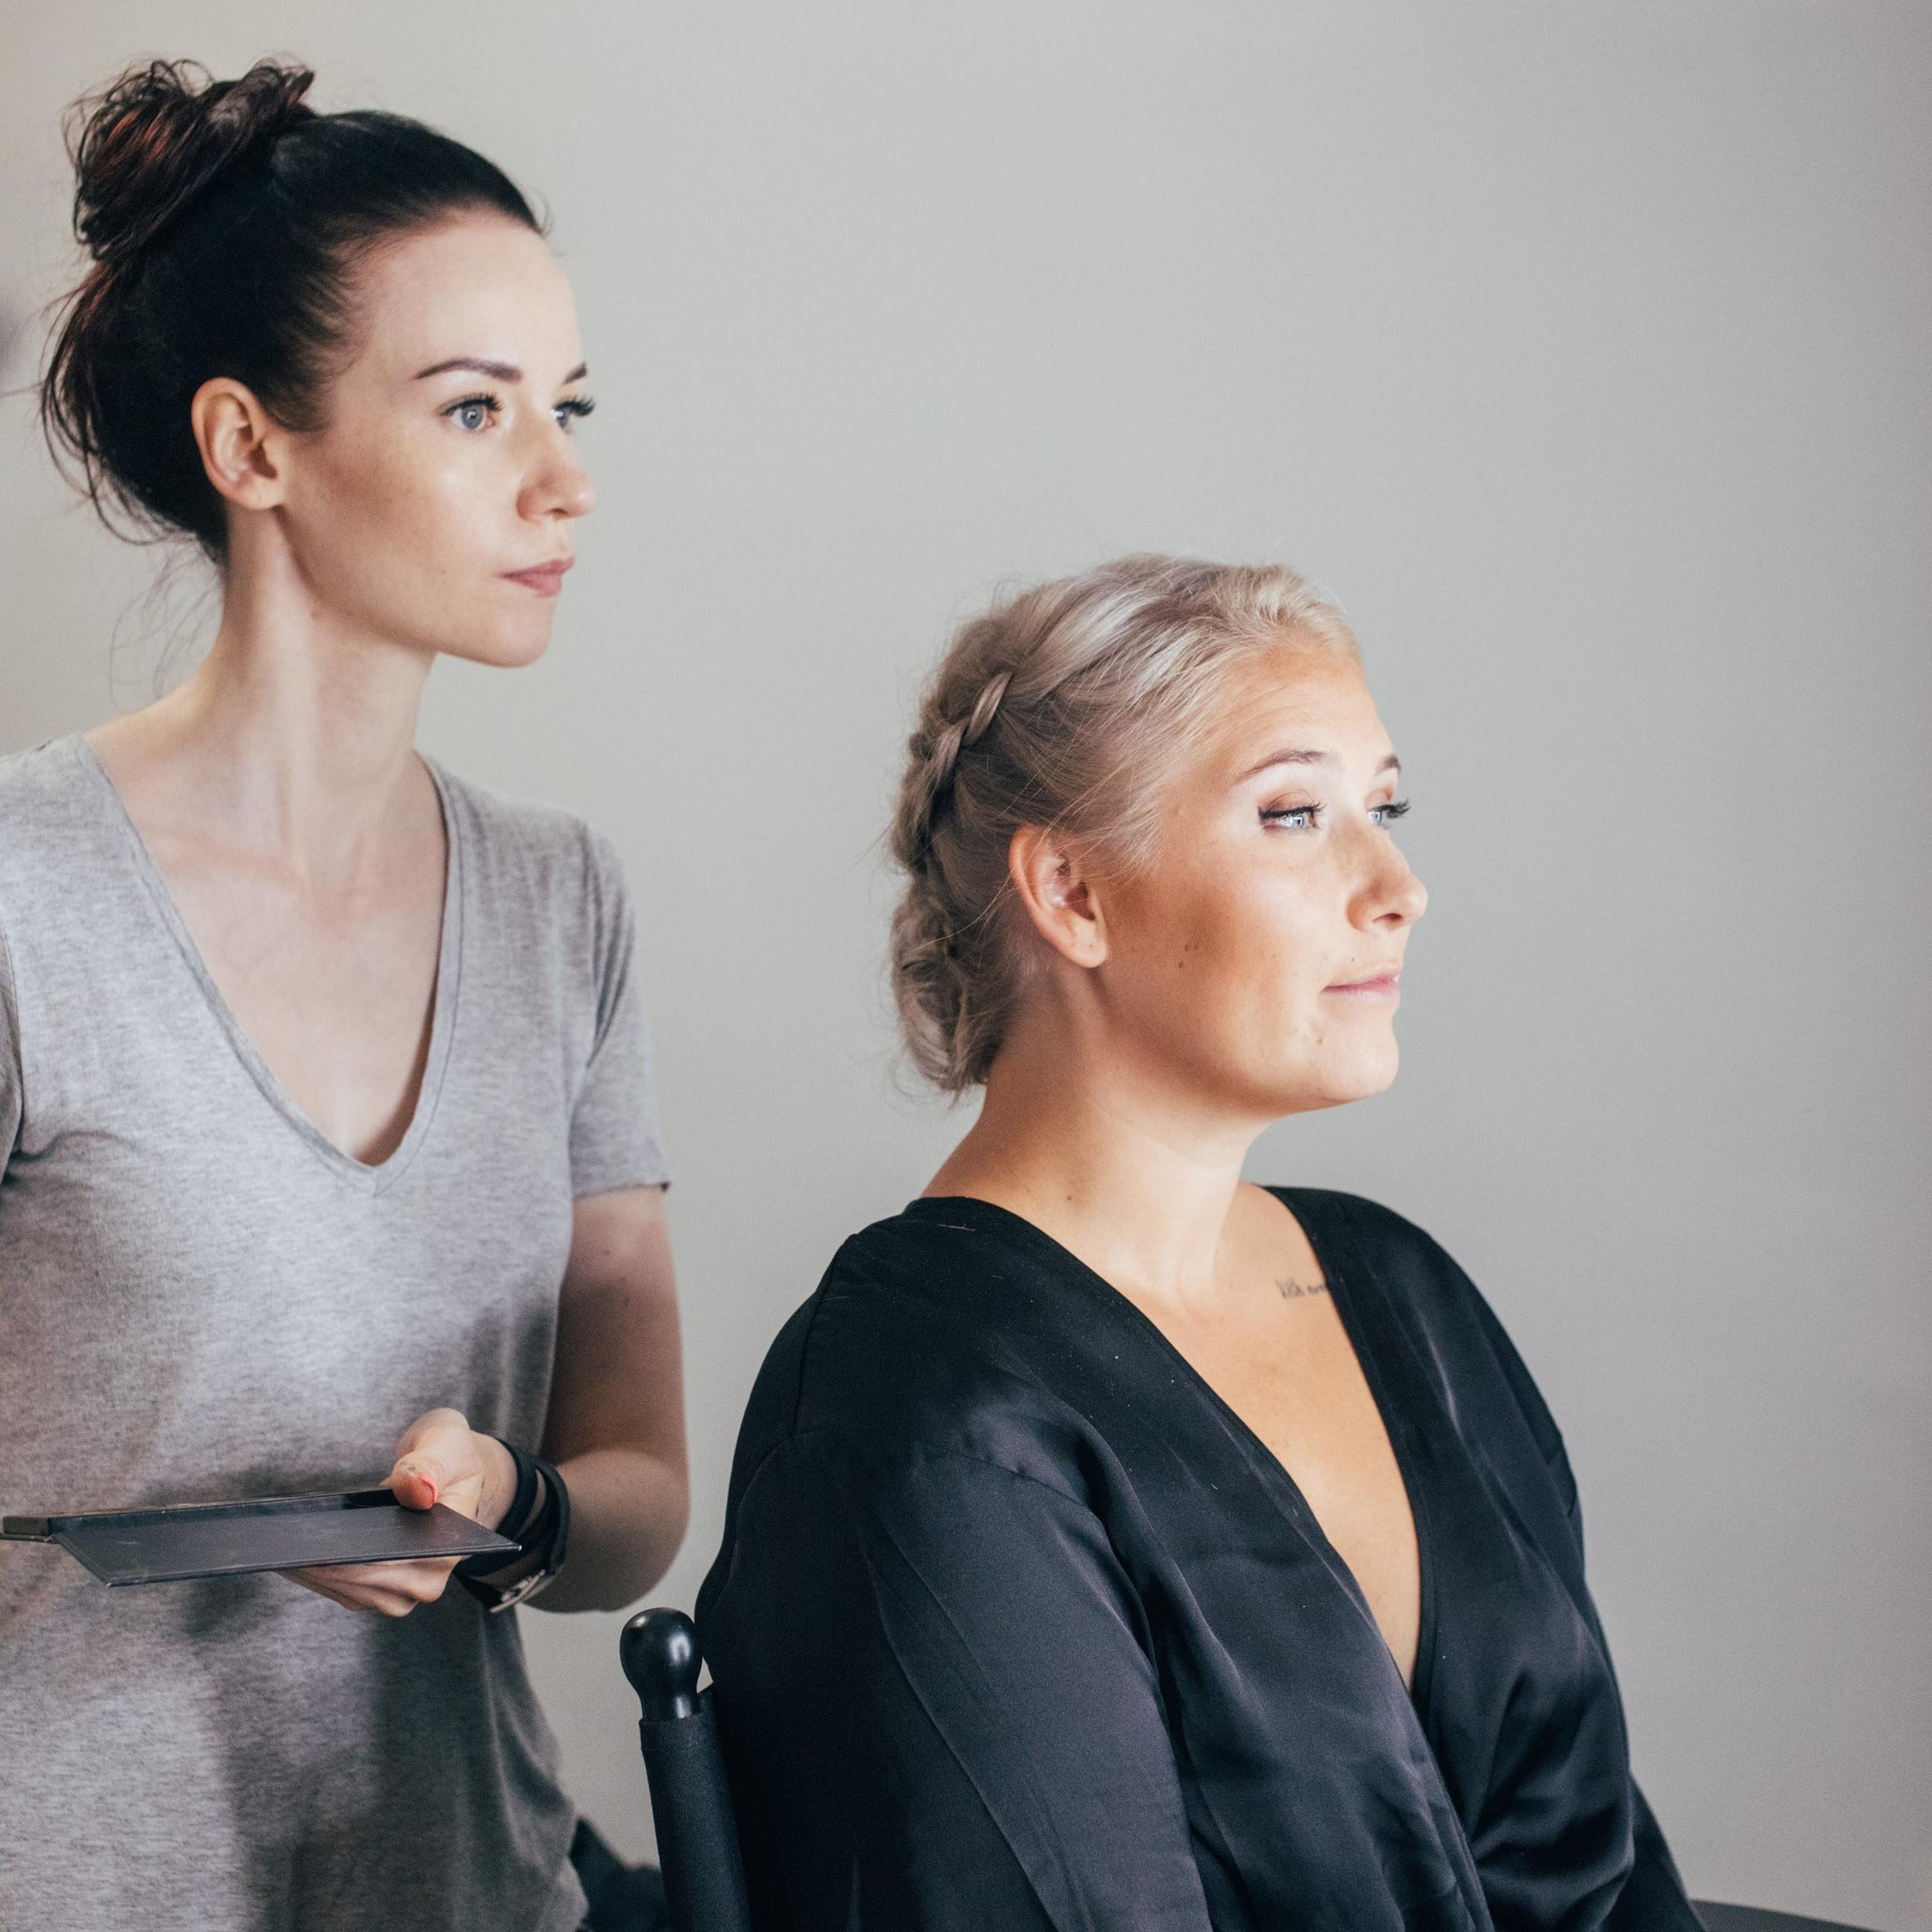 Tässä valmistuu kaason meikki. Meikkaaja Satu Huikko / Tribeauty, hiukset: Sabina Laine / Tribeauty